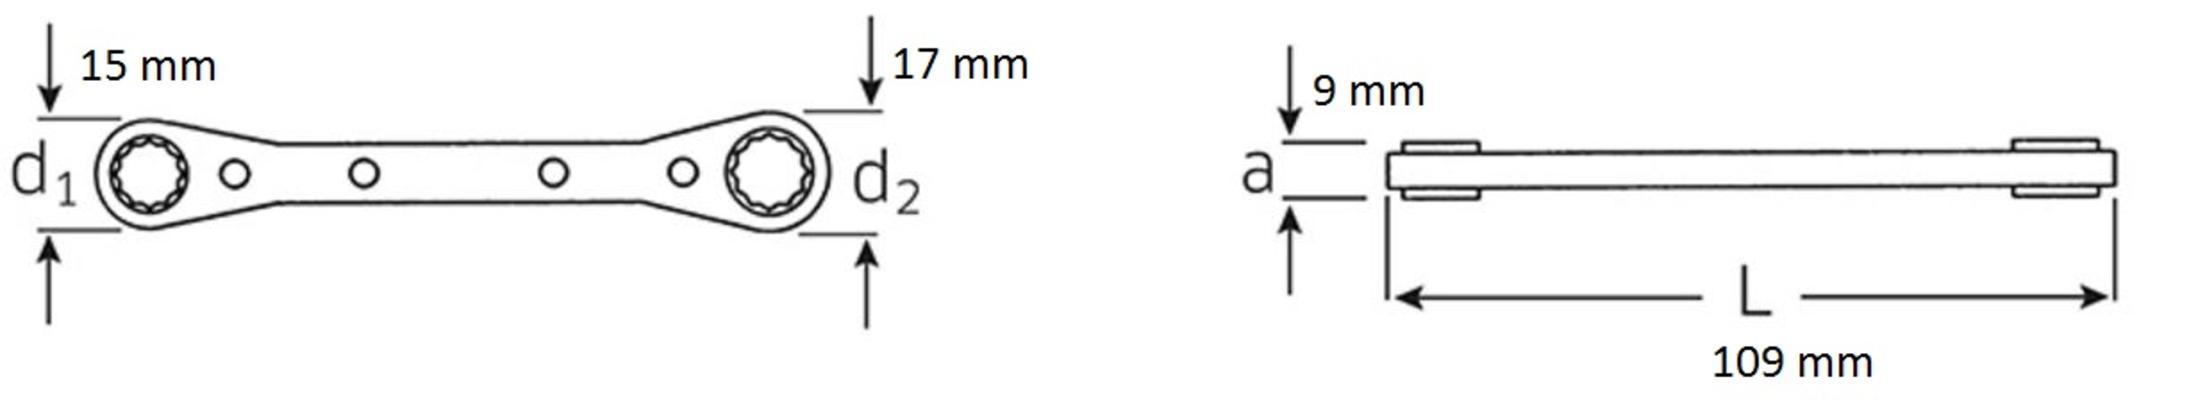 Räikkälenkkiavain 7 mm ja 8 mm, Stahlwille - Räikkälenkkiavain 7 mm ja 8 mm